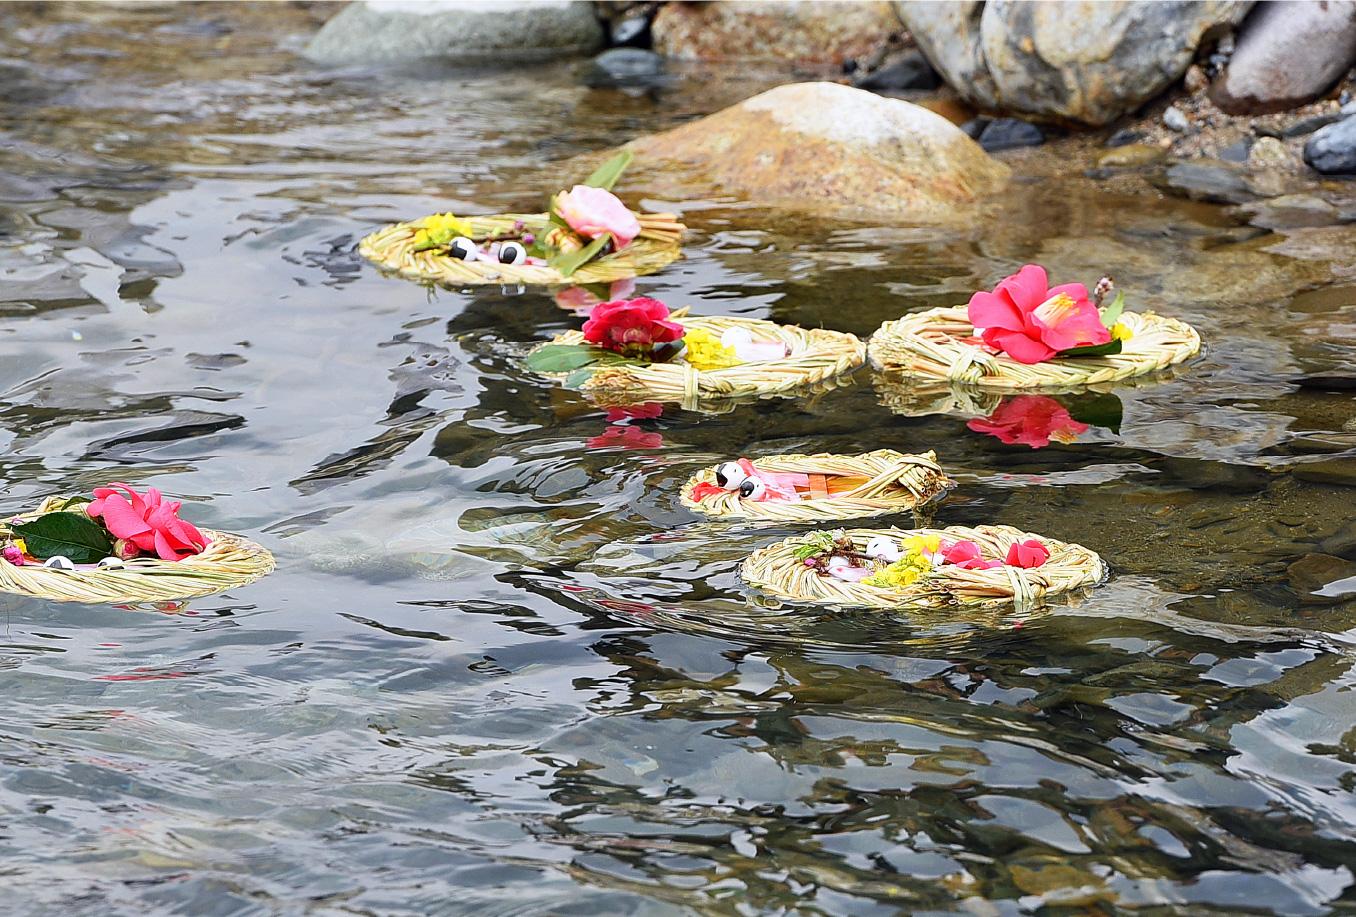 旧暦の3月3日に、紙びなを桟俵に乗せ、桃の小枝と椿の花や菜の花を添えて、千代川(せんだいがわ)に流す